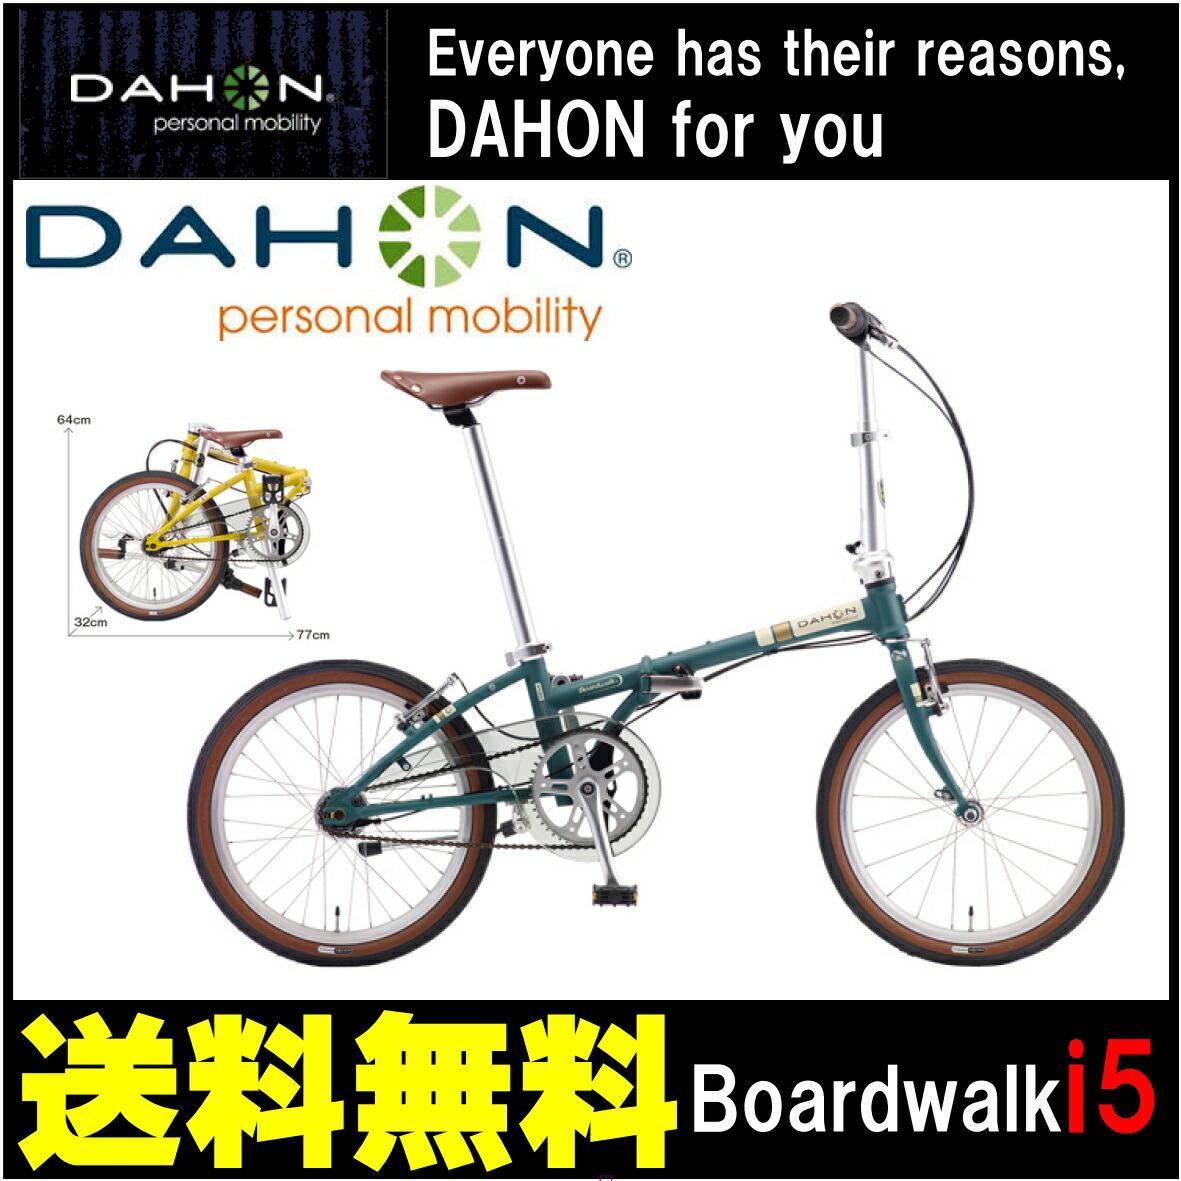 折りたたみ自転車 DAHON Boardwalk i5 ダホン 自転車 マットアイビー グリーン 緑色 20インチ 折りたたみ自転車 内装5段変速ギア Matt Ivy ダホン 折りたたみ自転車 DAHON ボードウォーク i5